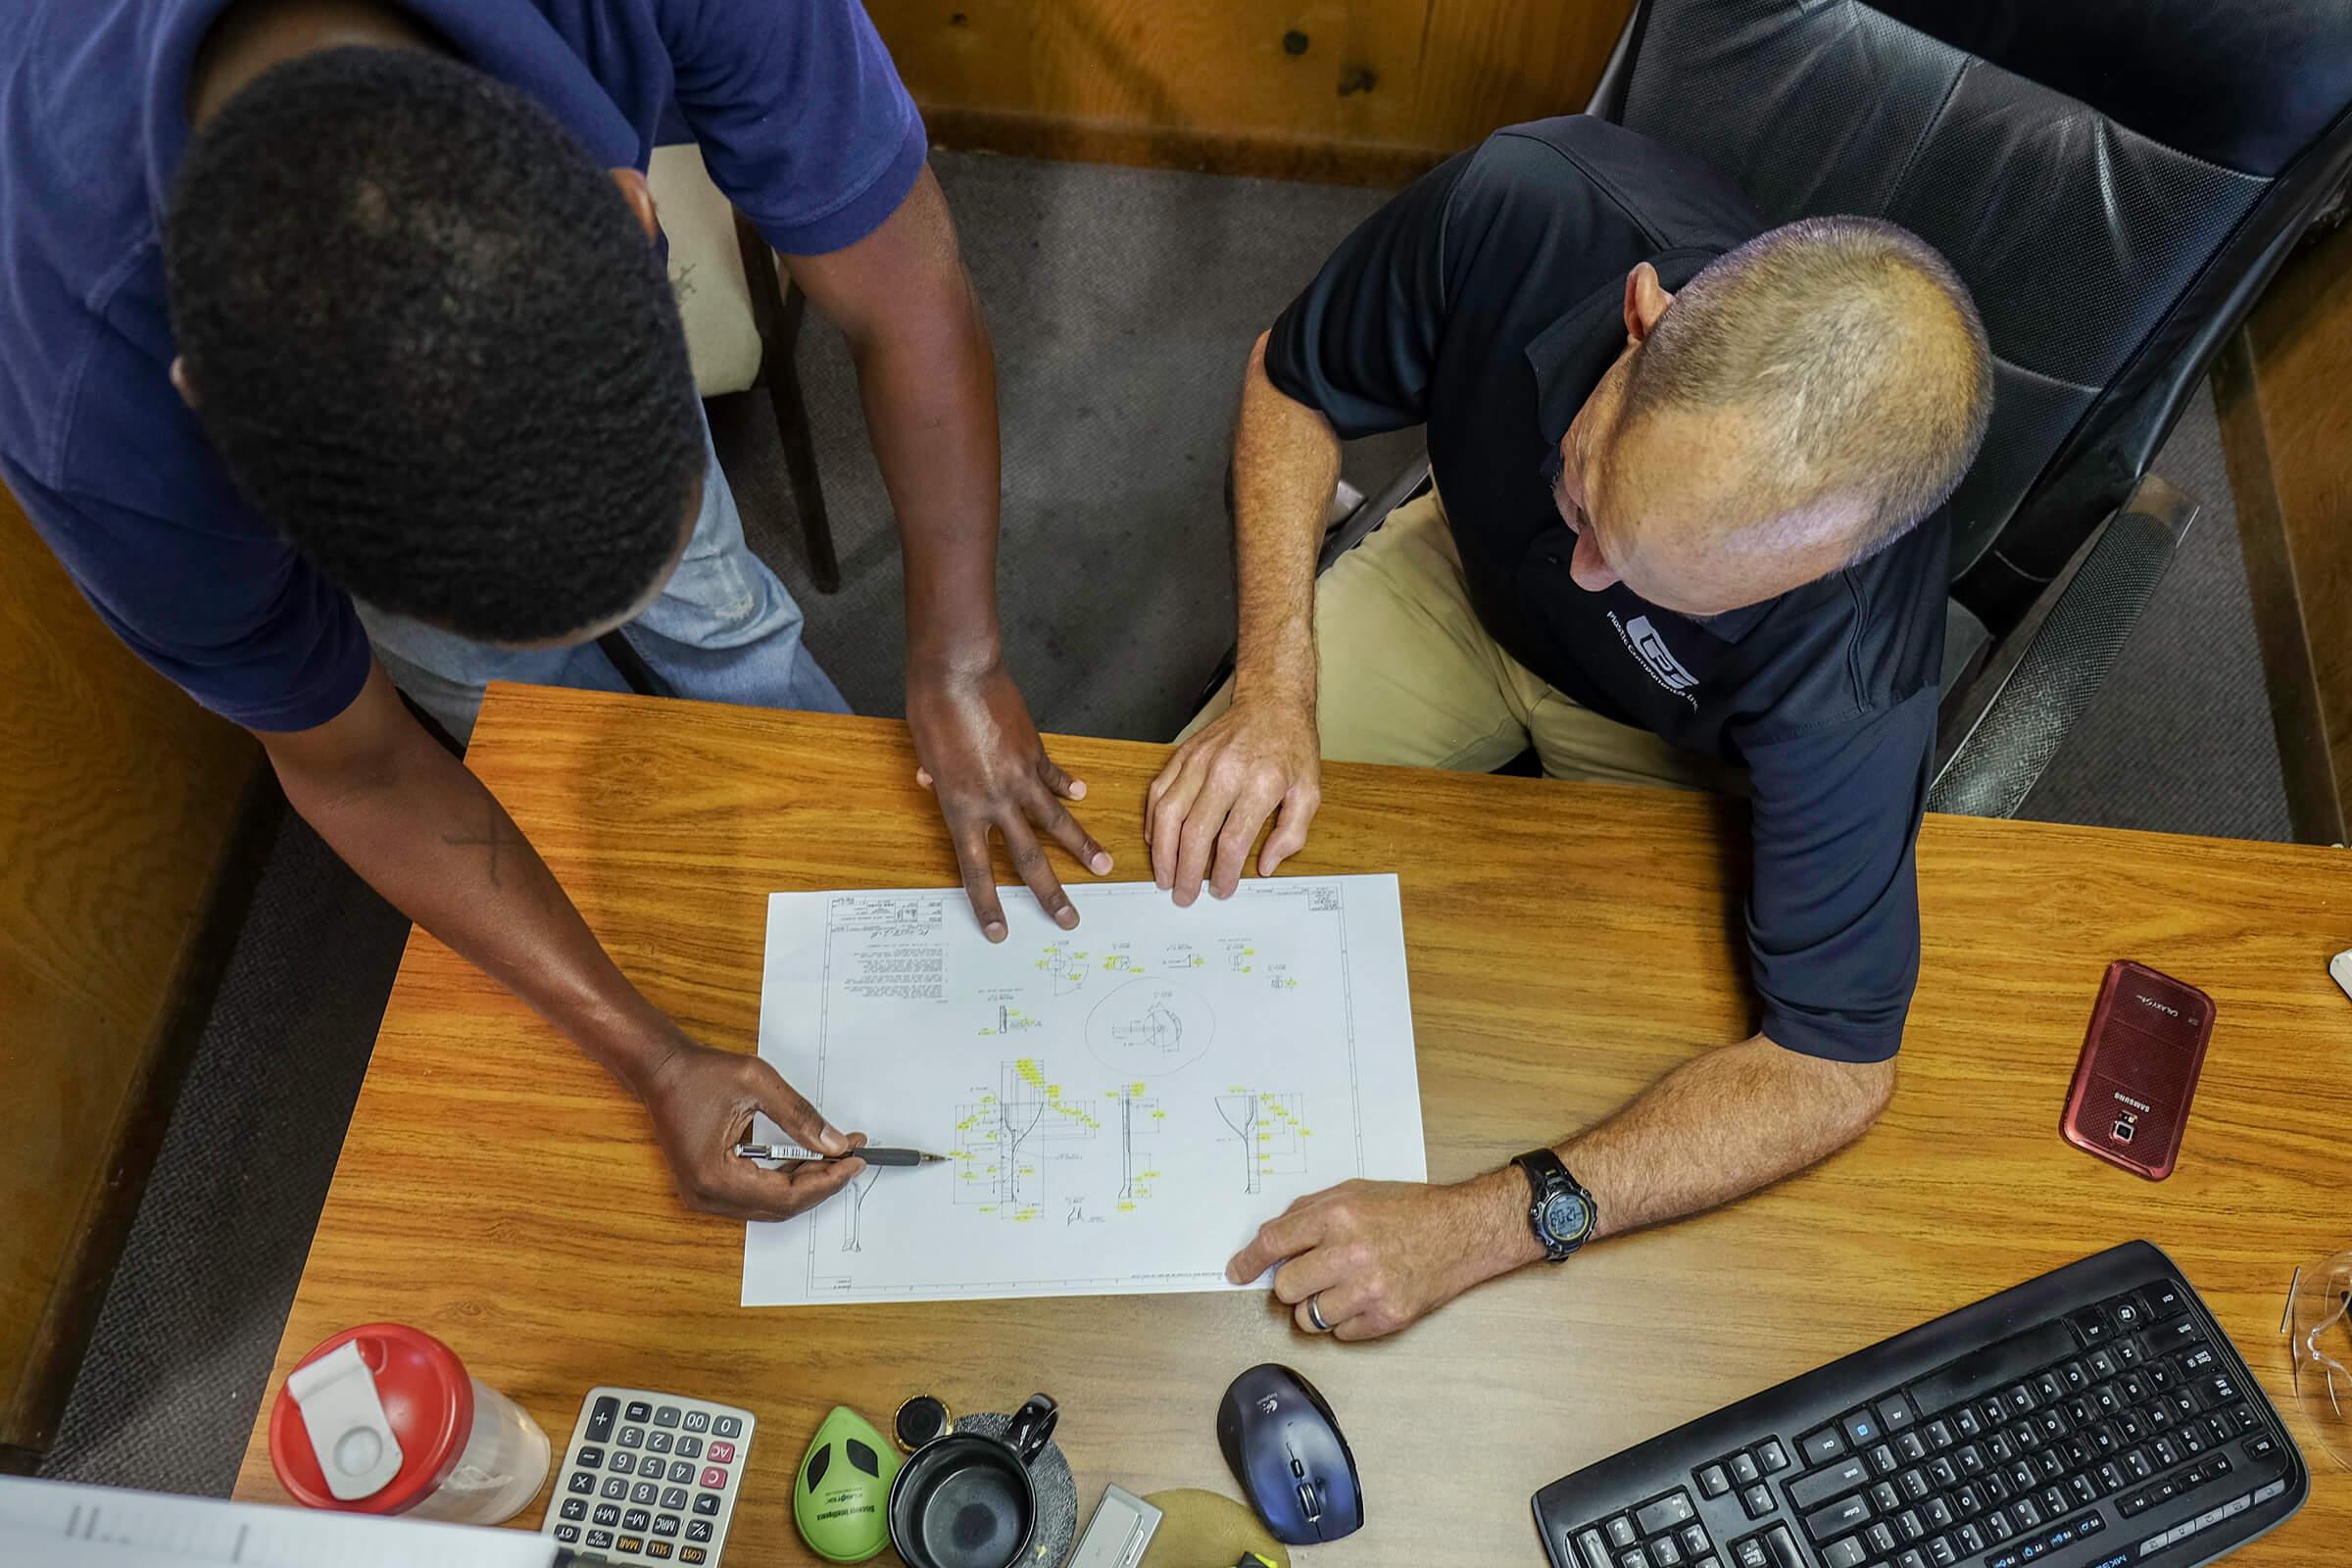 Engineering Team Reviewing Prints